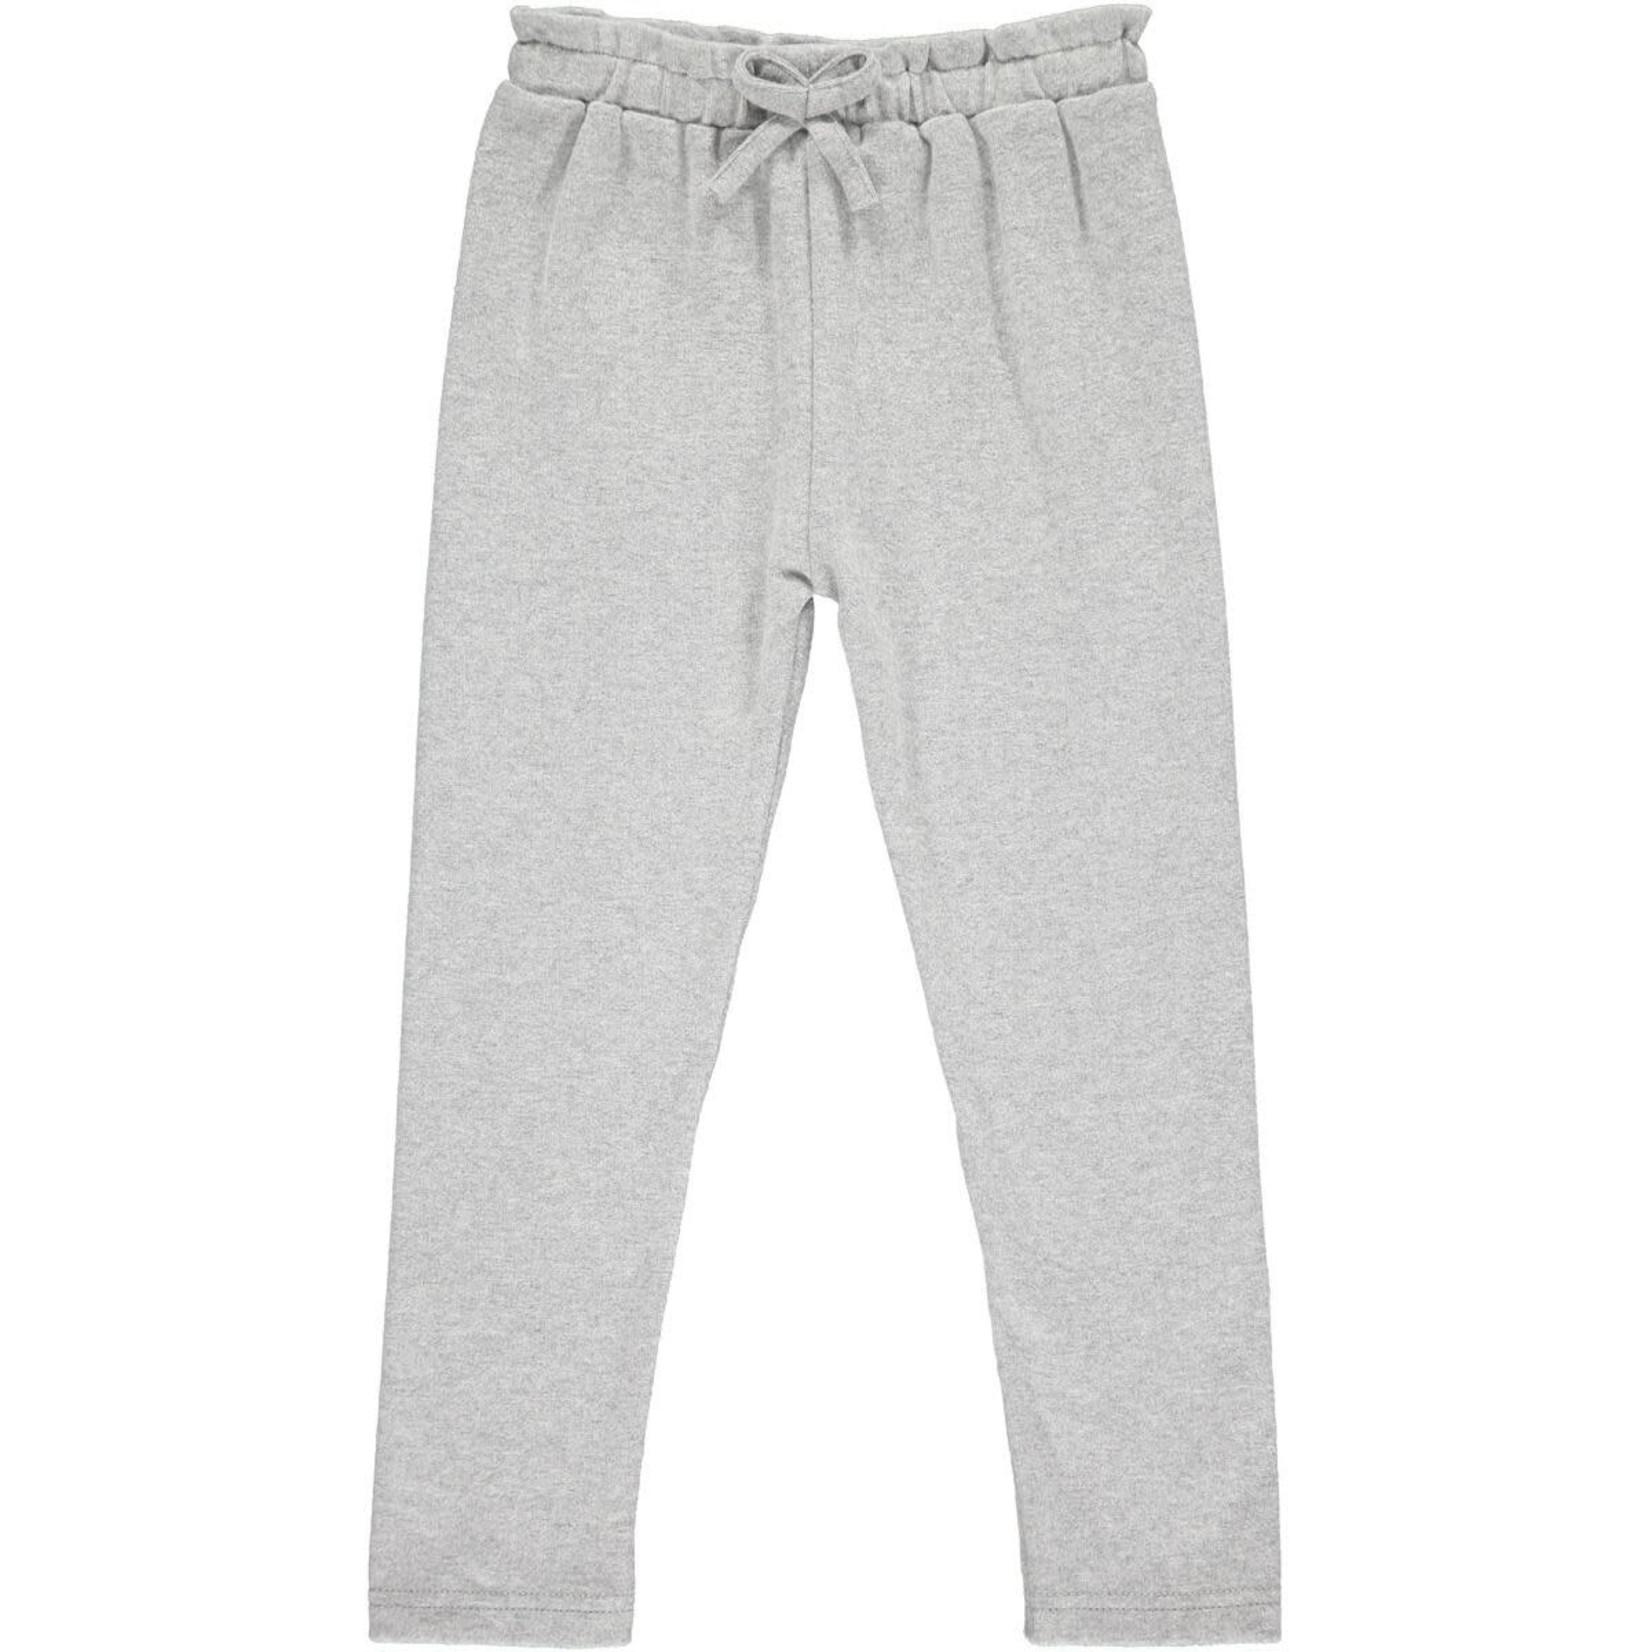 Vignette Fawn Girls Leggings - Grey 2